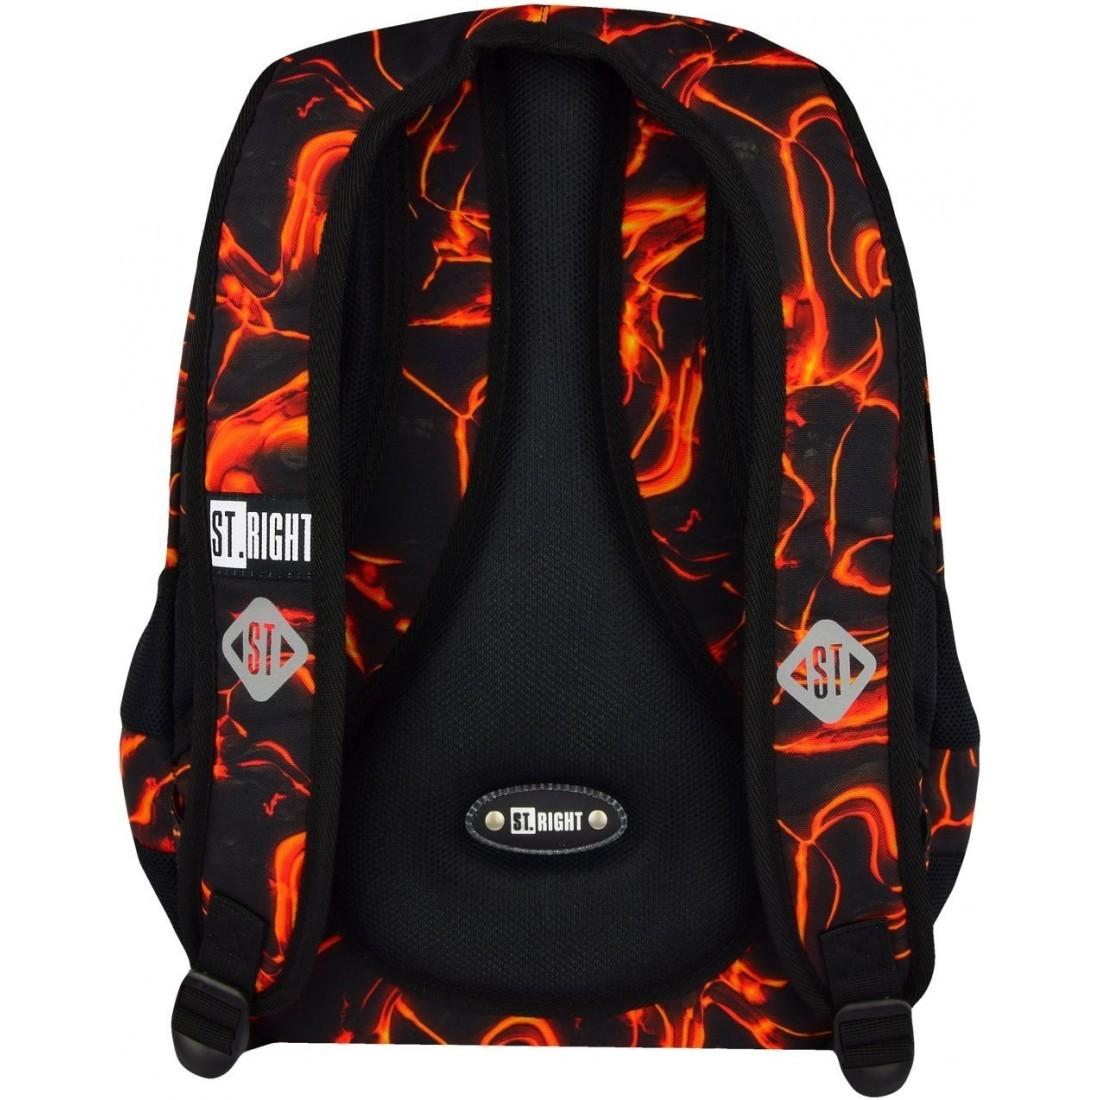 Plecak szkolny 32 ST.RIGHT LAVA gorąca czerwona lawa BP32